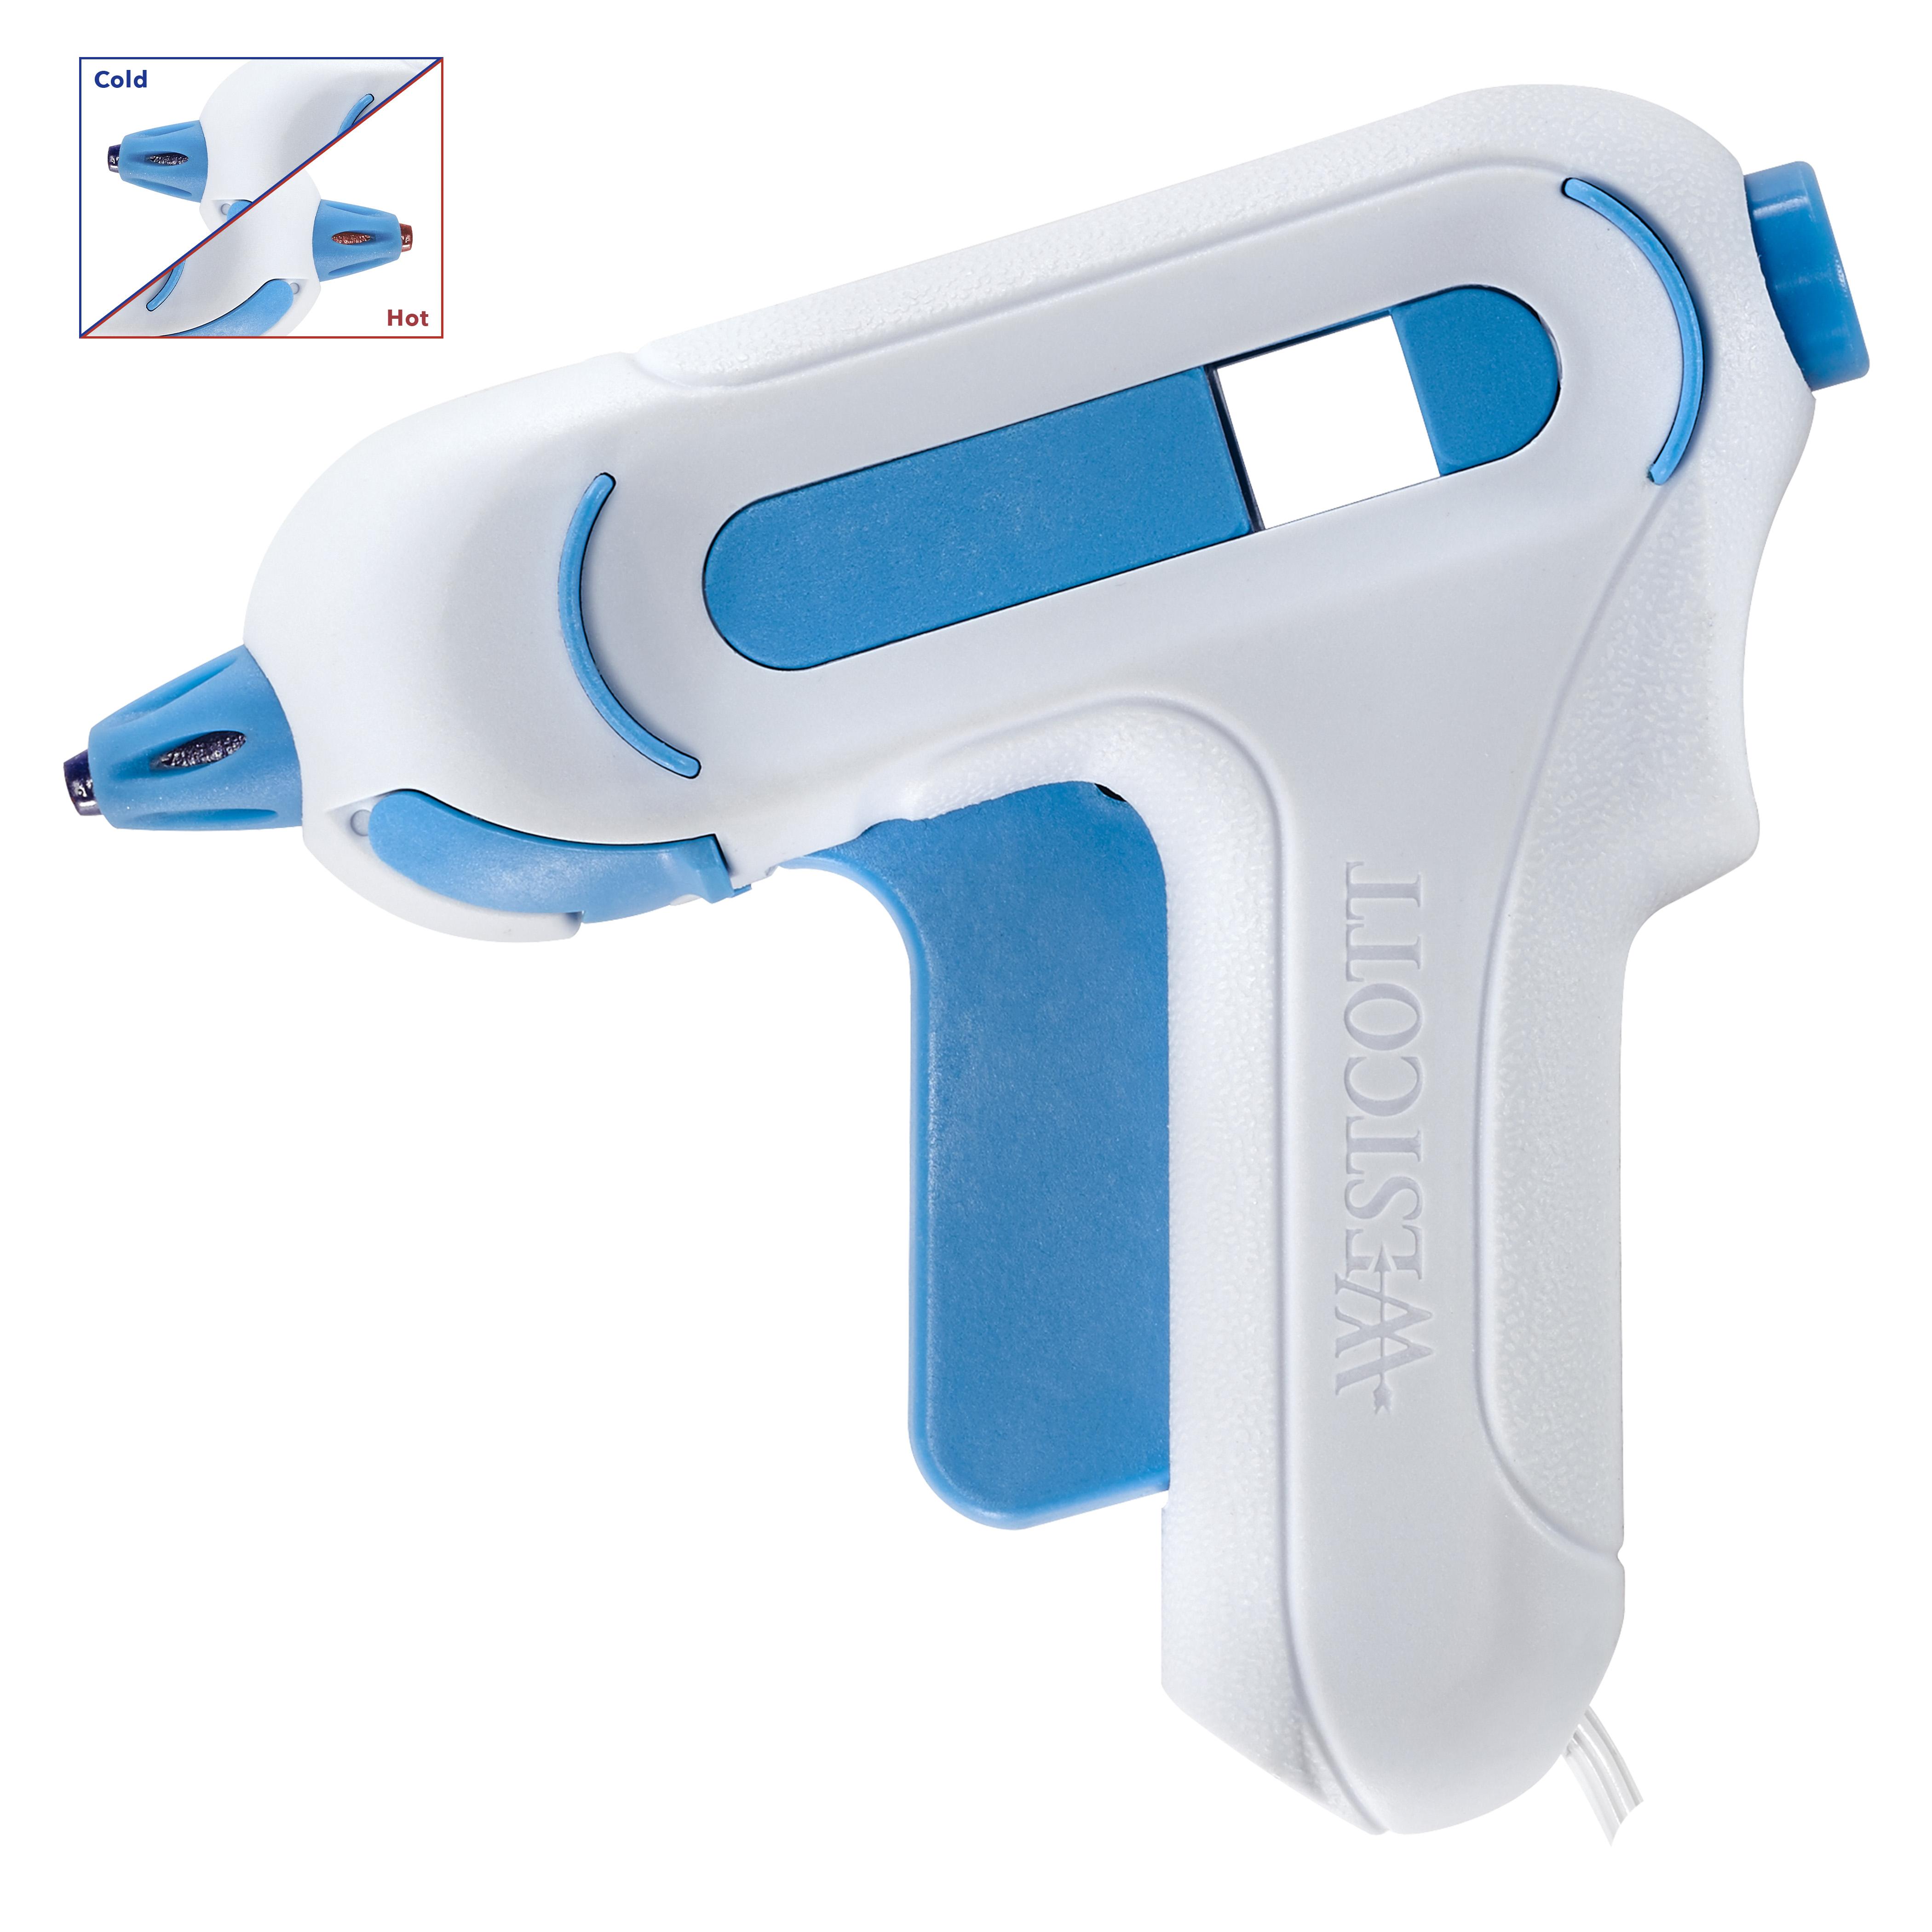 Westcott Premium Safety Mini Hot Glue Gun, Low Temp (16757)